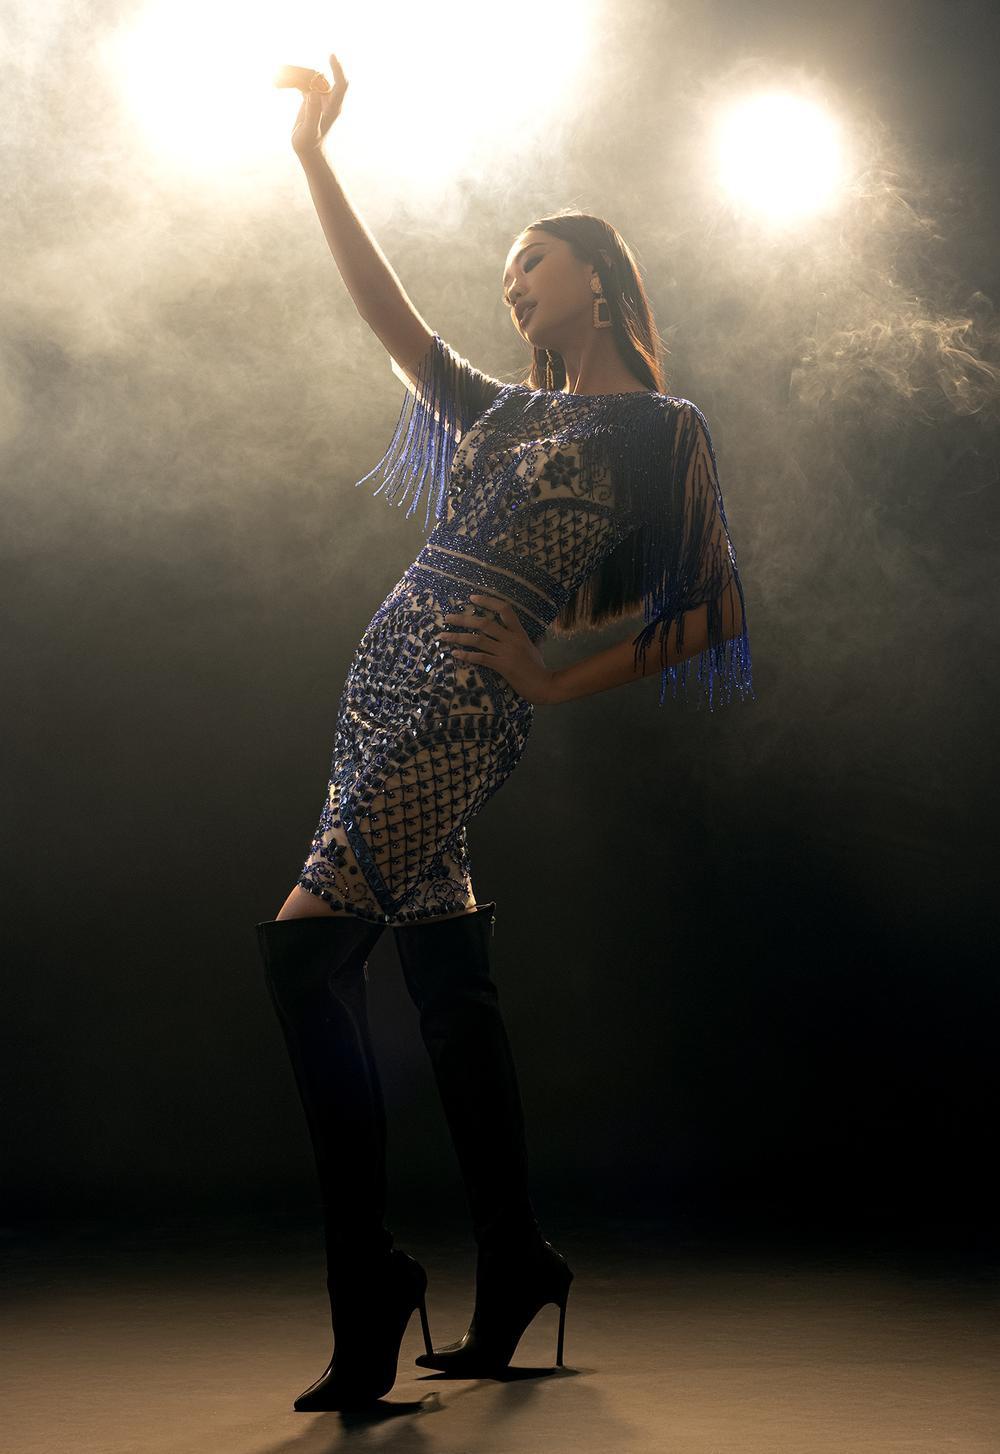 Váy dạ hội tua rua tôn thờ vẻ đẹp kiêu sa lộng lẫy cho nữ hoàng đêm tiệc Ảnh 2